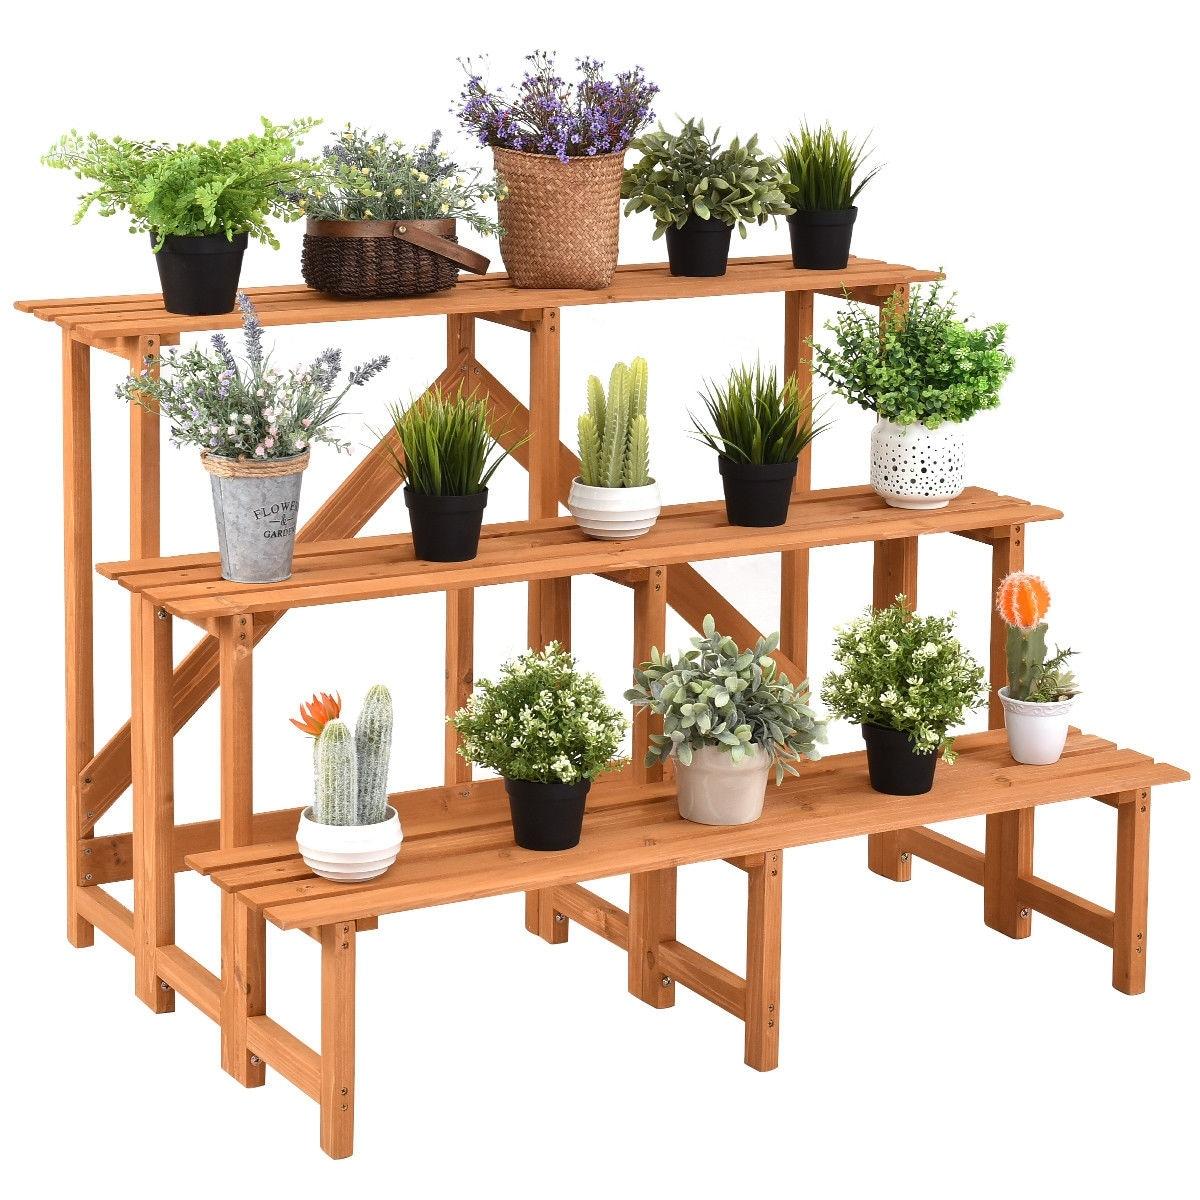 Costway 3 Tier Wide Wood Plant Stand Flower Pot Holder Display Rack Overstock 28107956